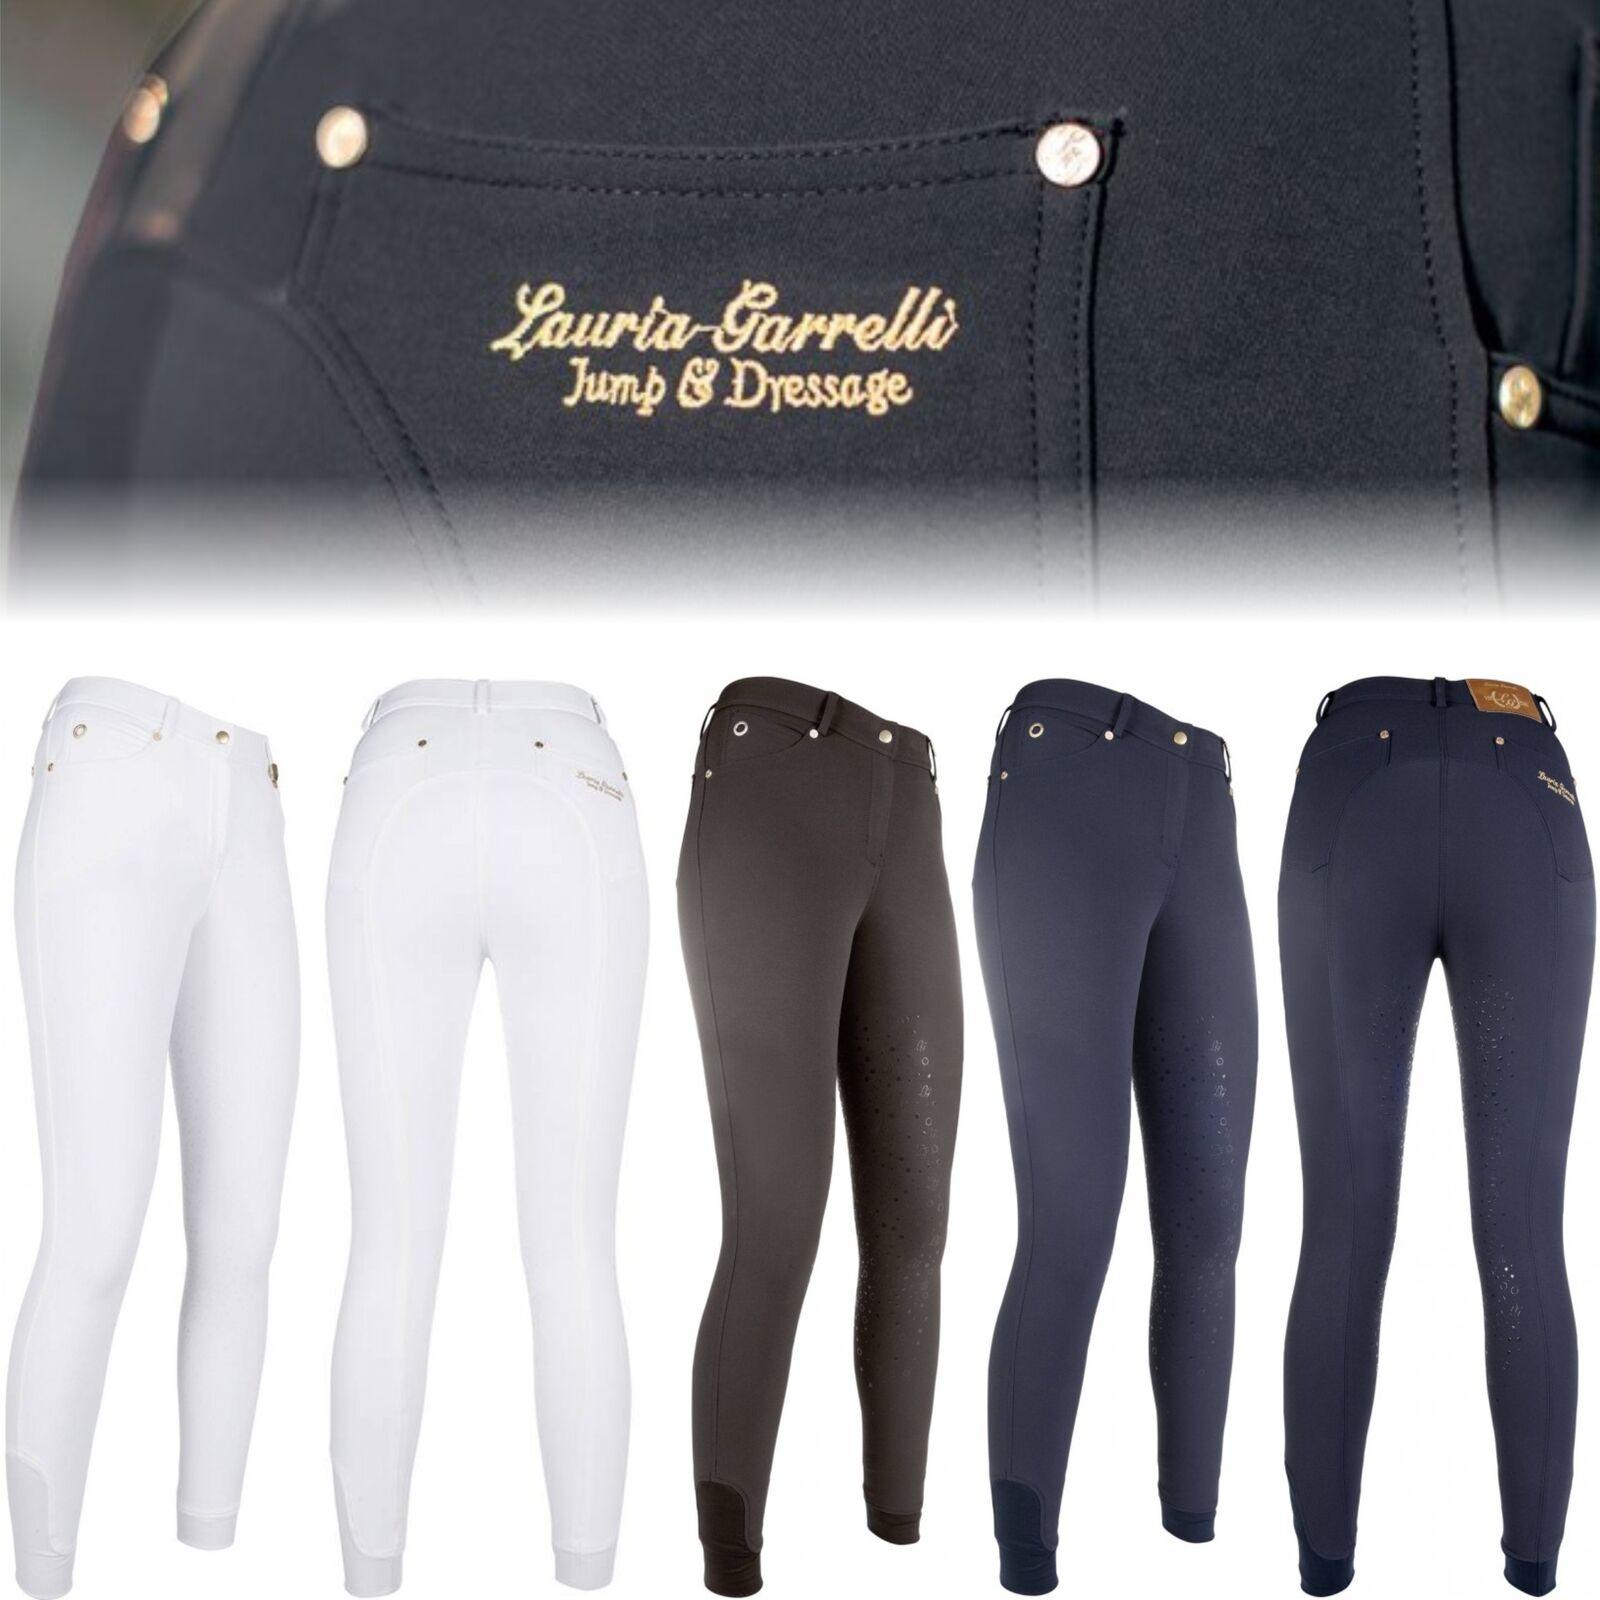 Lauria Garrelli Pantalones Montar -lg Básico Revestimiento Completo de Silicona